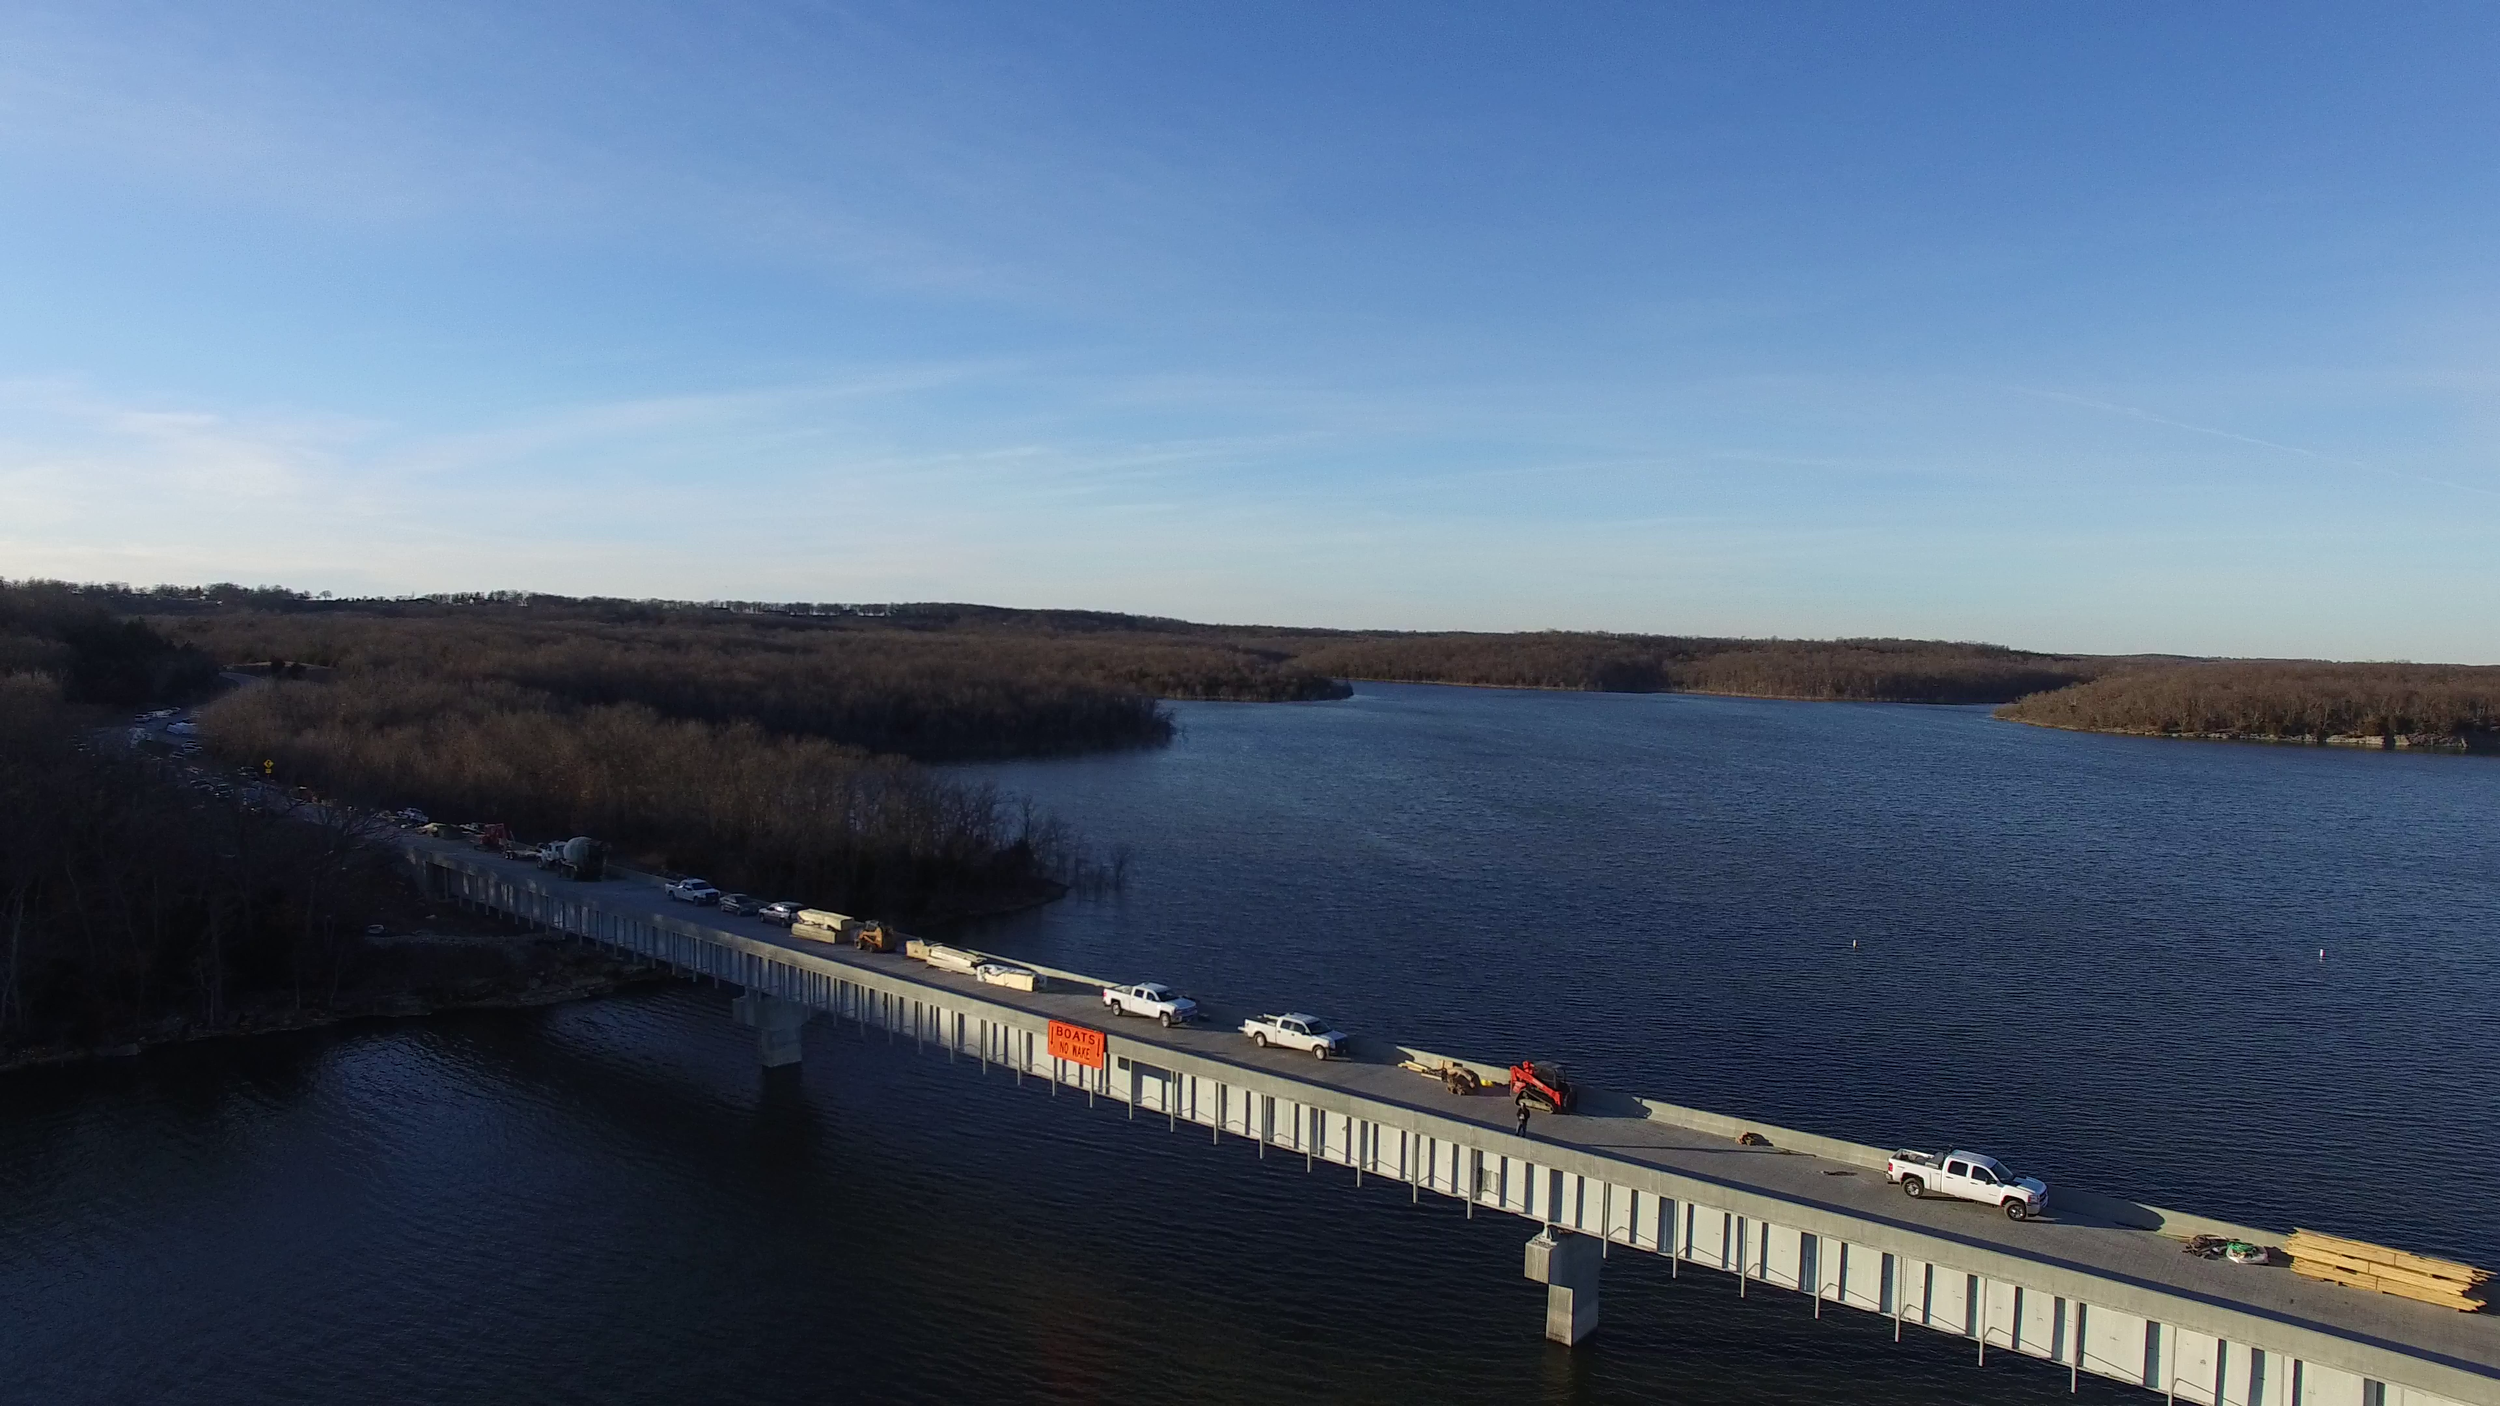 Rte. 215, Stockton, MO first 800' of 4200' bridge redeck